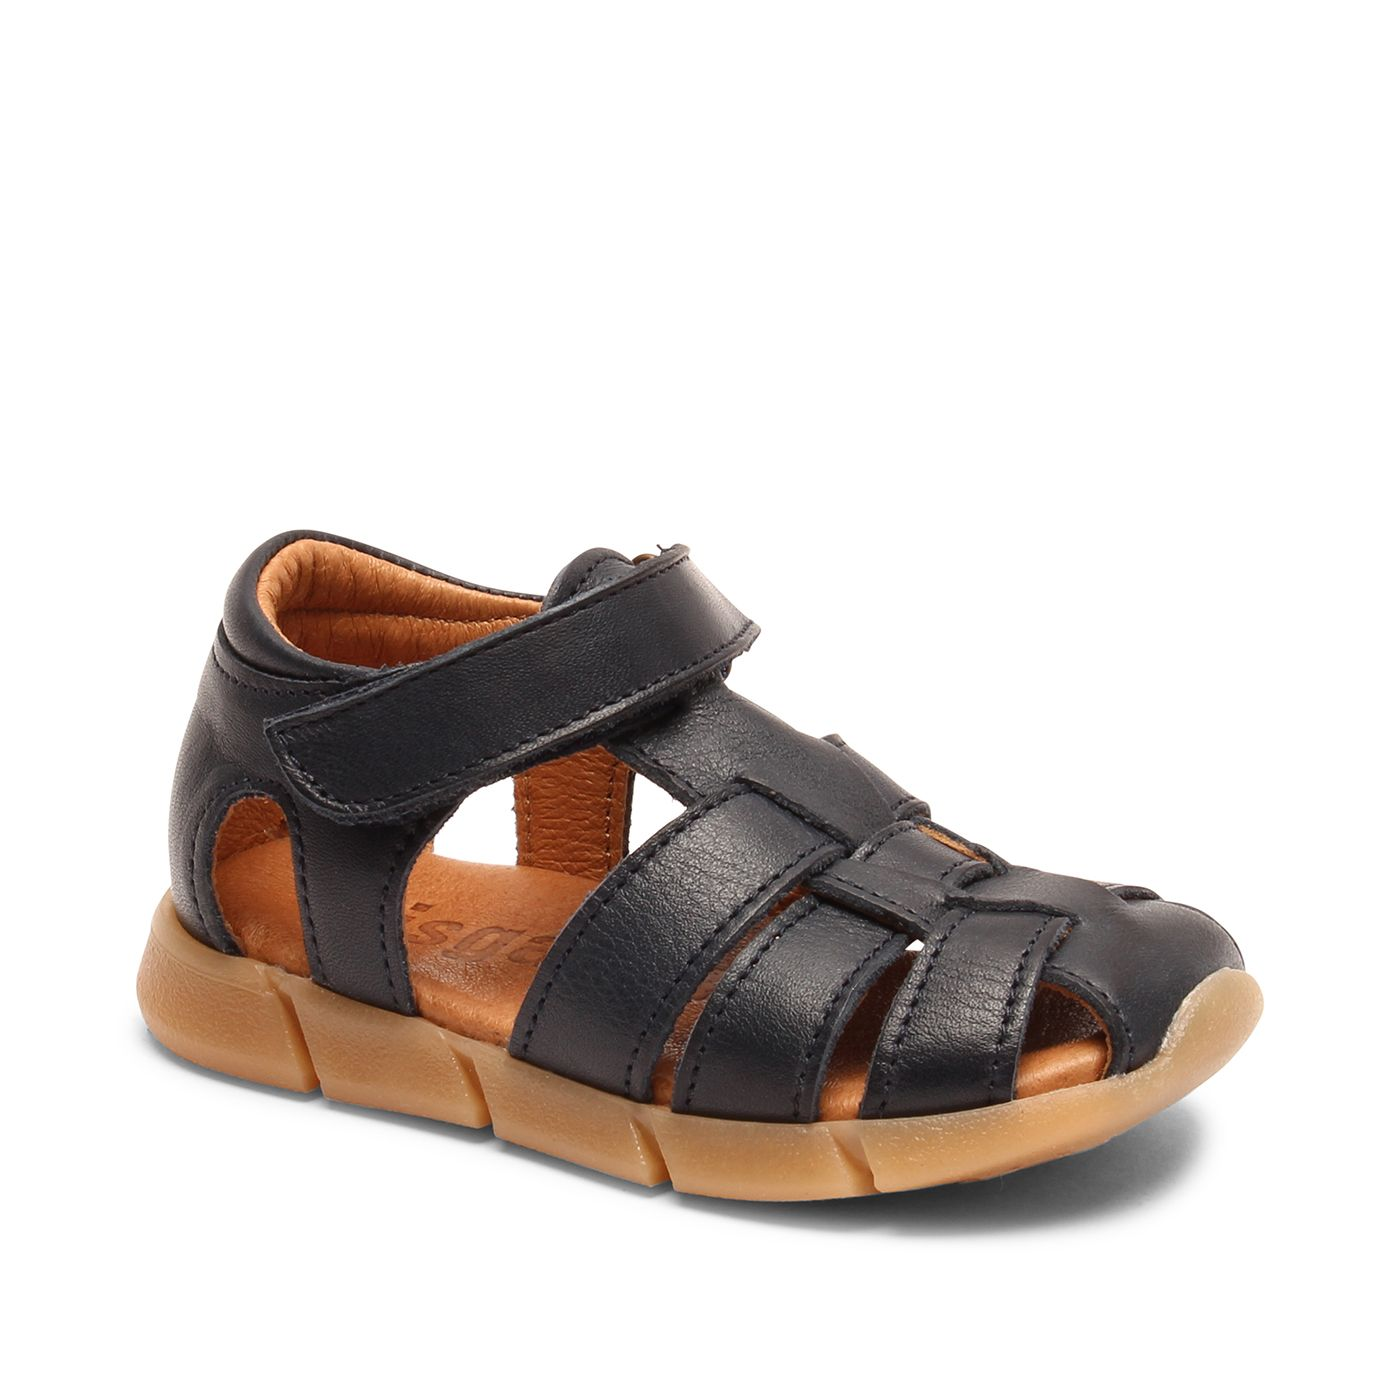 Bisgaard dětské kožené sandály 71250 - 1428